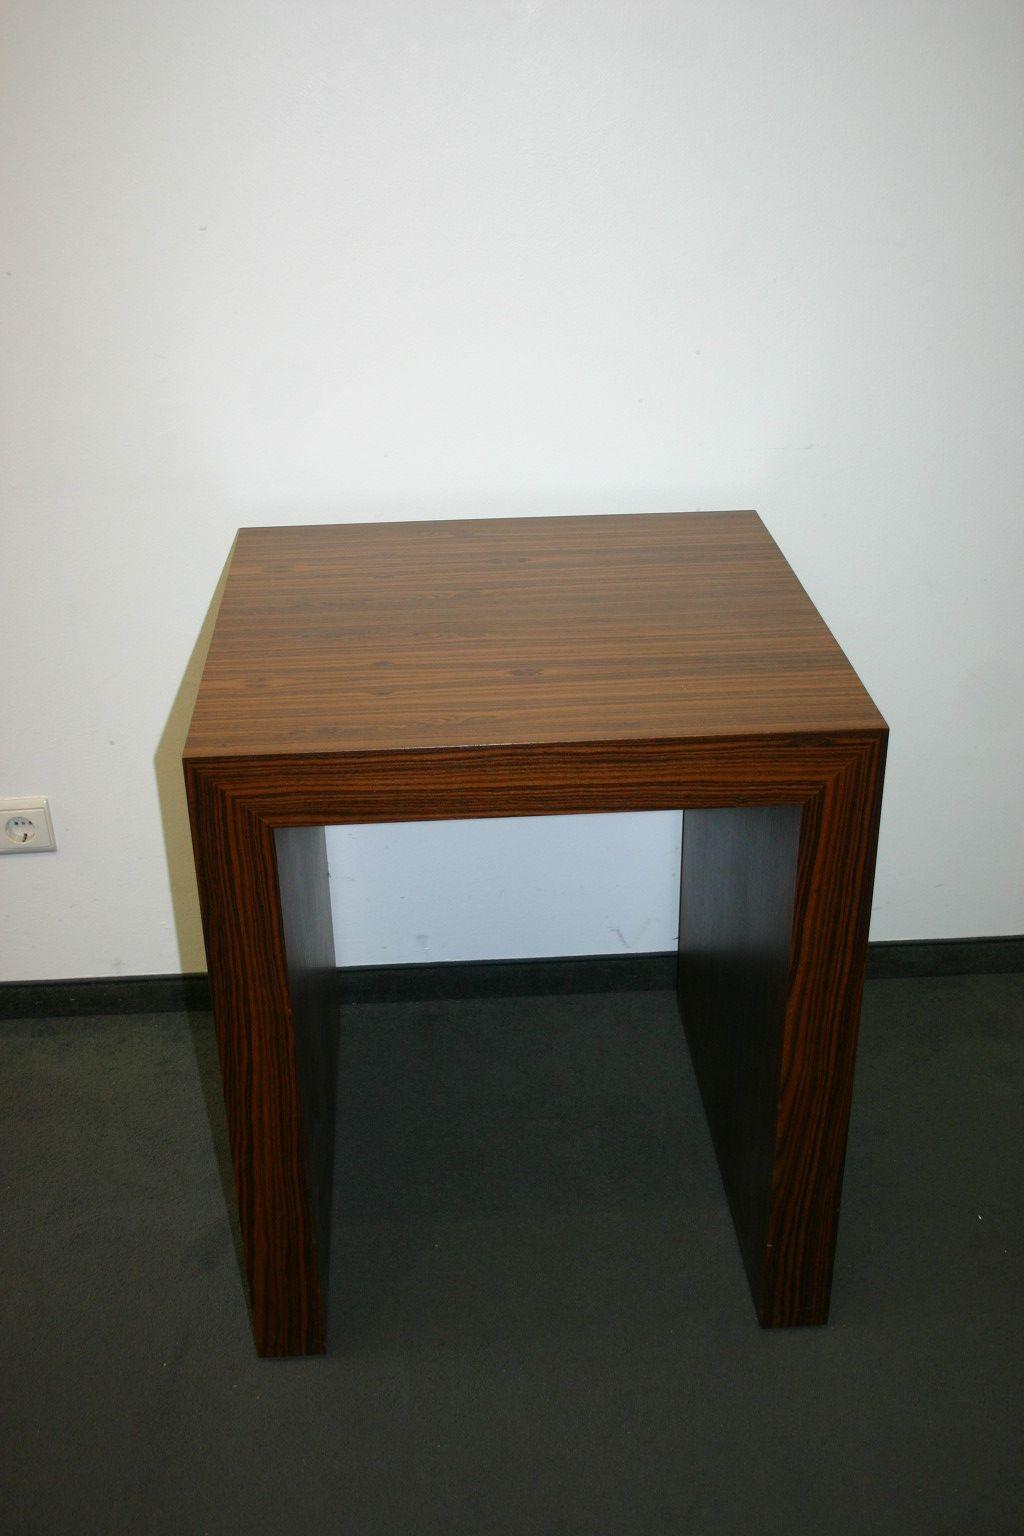 Beistelltisch in Holz  gebraucht  zur sofortigen Mitnahme in